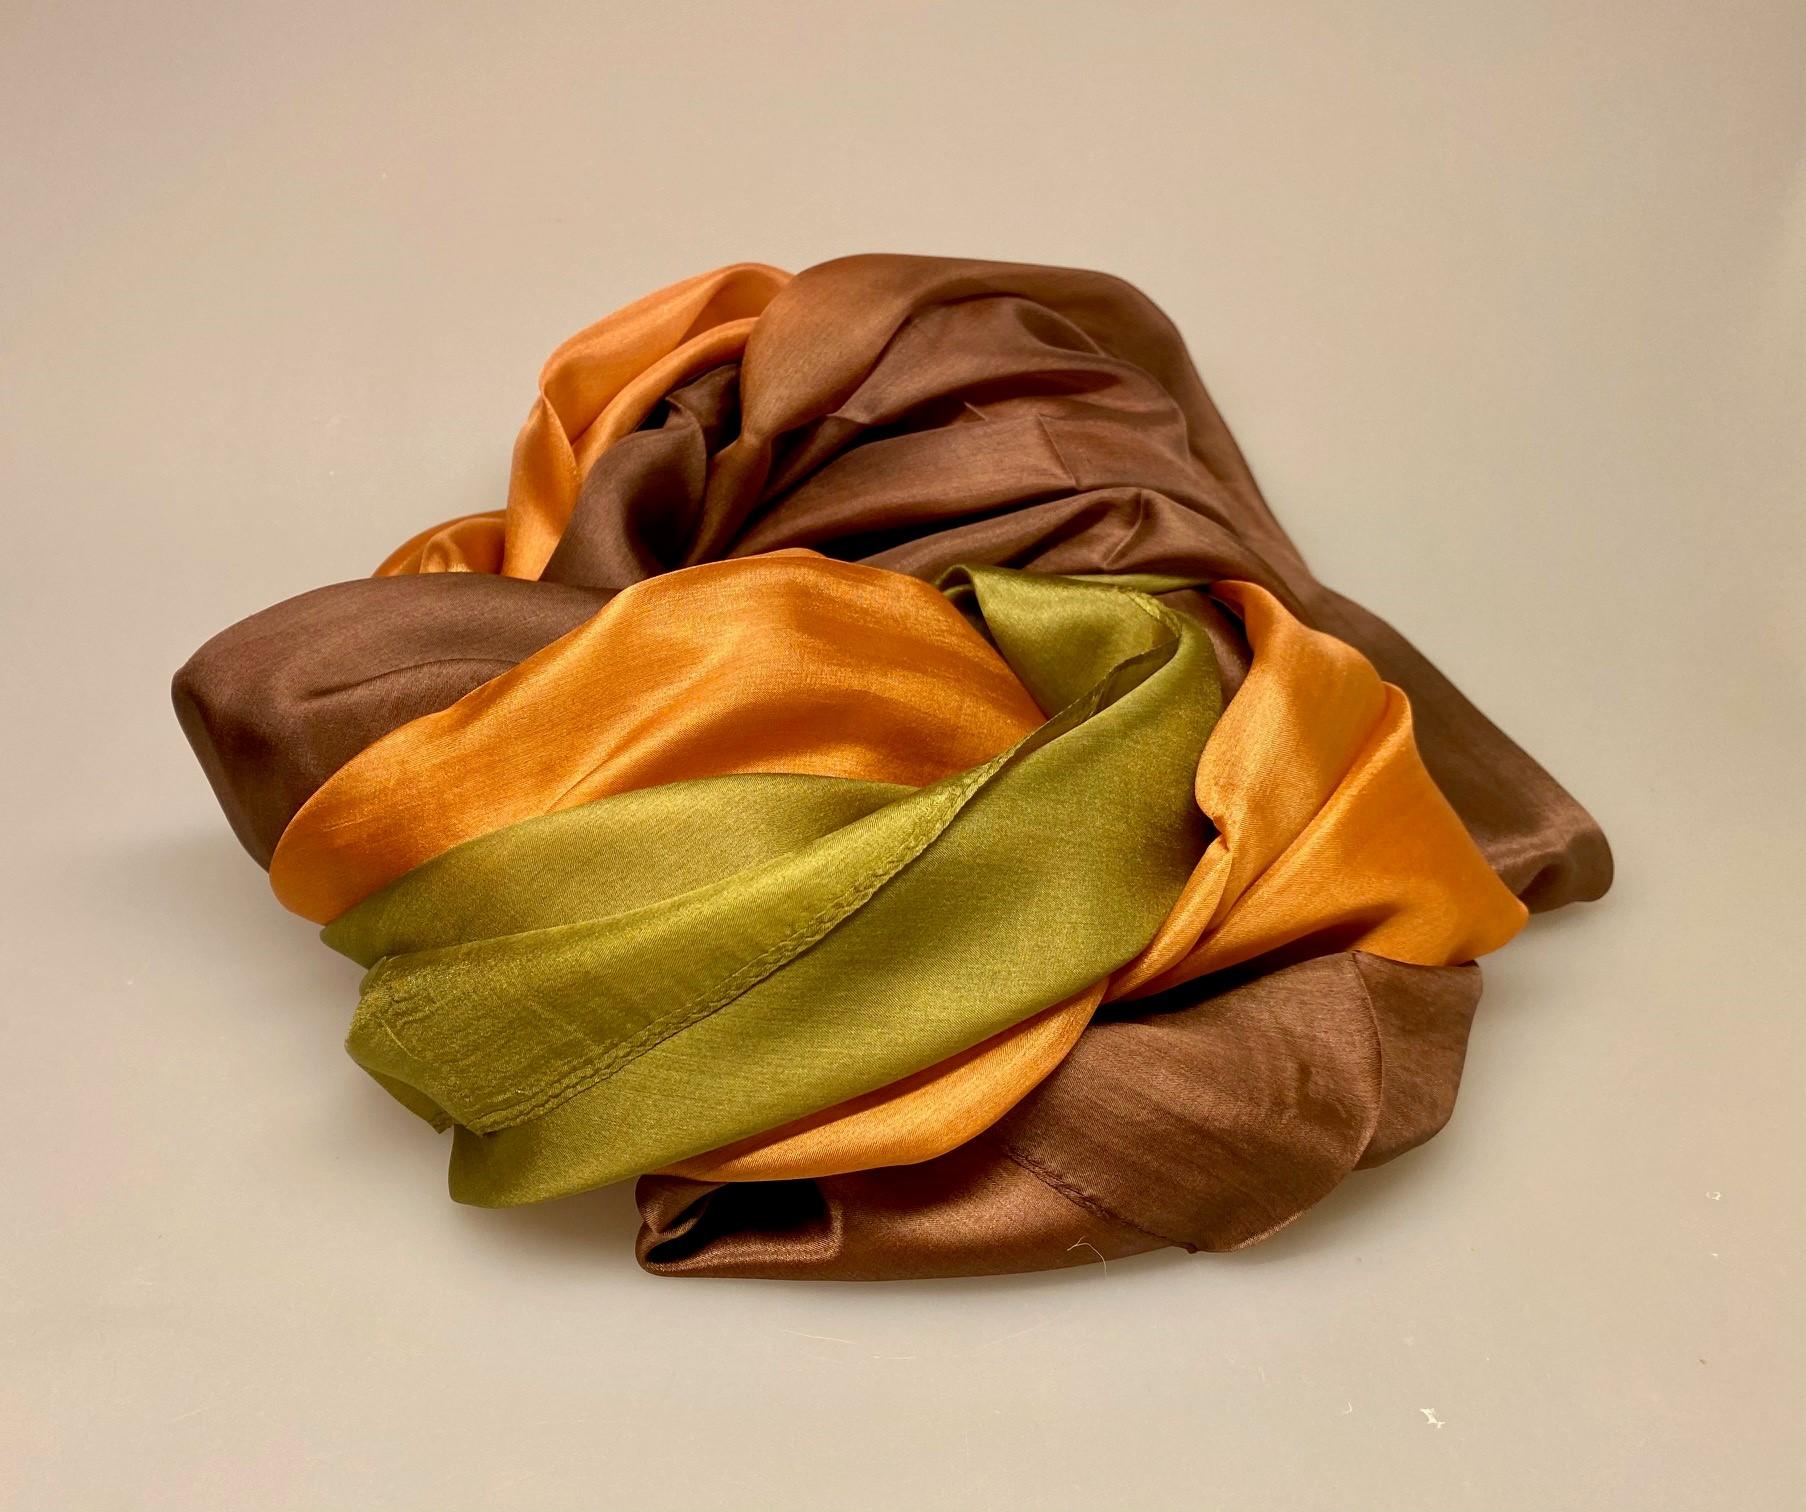 Silketørklæde Pongé 1410 XL - Gyldenbrunt/oliven, efterårsfarver, gyldne farver, varme, farver, brun, chokolade, kakao, olivengrøn, Silketørklæde Pongé 1410 XL, stola, bolero, festtøj. assesories, feststola, over skuldrene, galla, biti, ribe, stort, ekstravagant, luksus, luksuriøst, gaveide, flot, elegant, lækkert, kvalitet, silkebrus, silke, glat, blank, smuk, flot, billigt, tilbud,